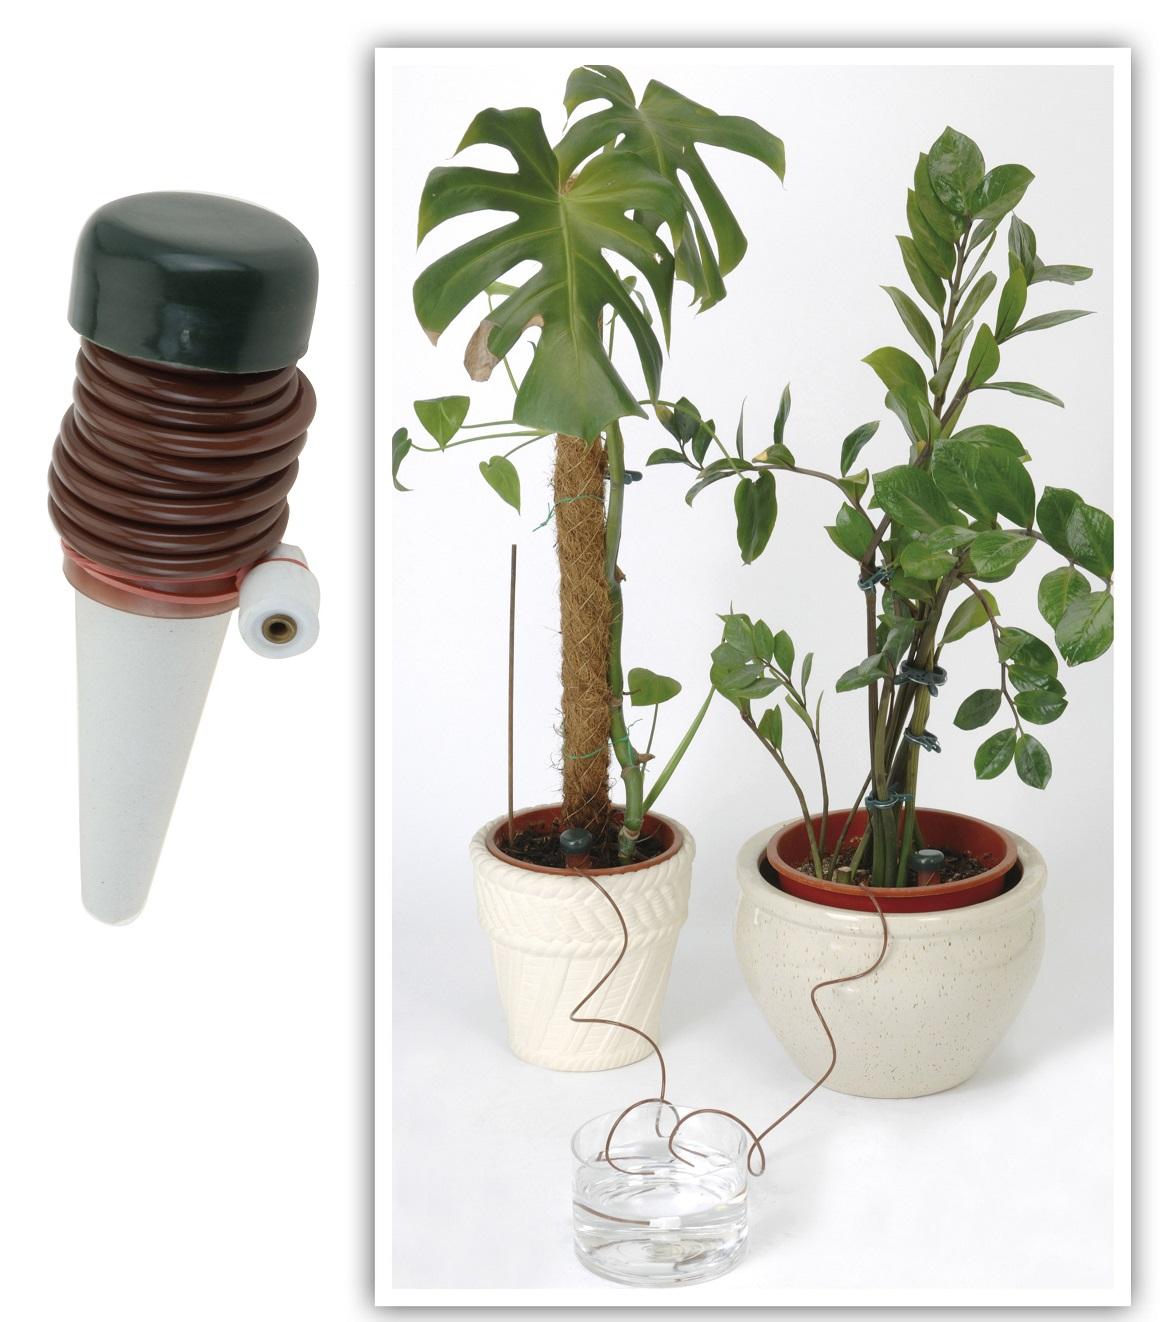 2 st ck pflanzen wasserspender pflanzenbew sserung f. Black Bedroom Furniture Sets. Home Design Ideas